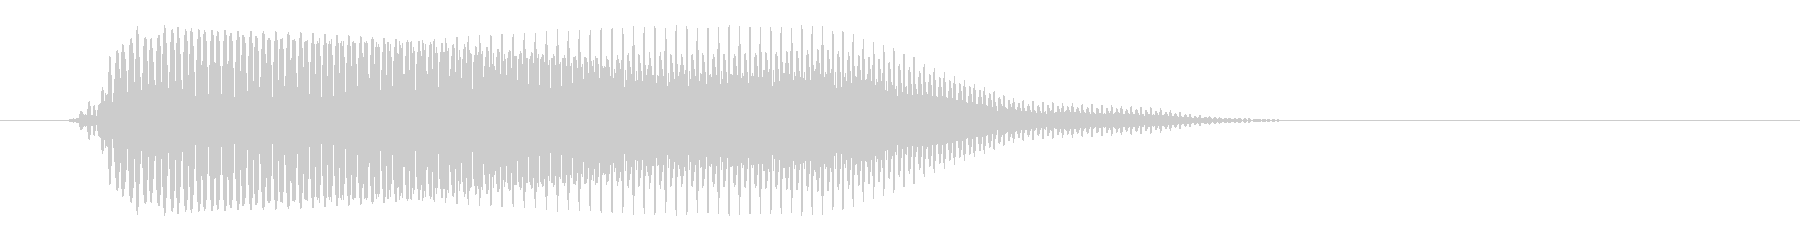 ゲーム内で何かが出てくる音の未再生の波形